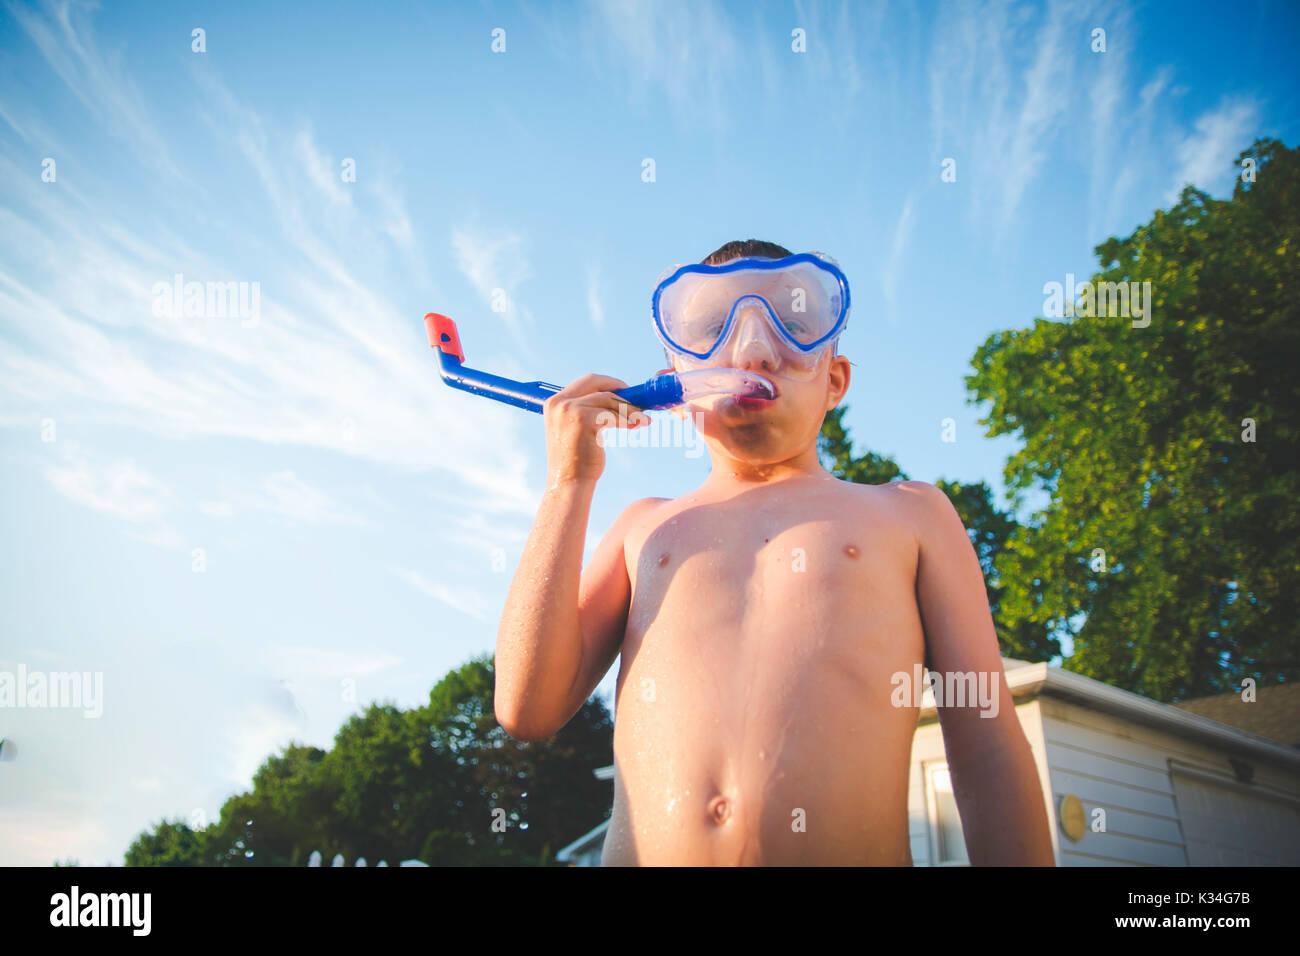 Un niño lleva una máscara de buceo contra un cielo azul con pocas nubes. Imagen De Stock